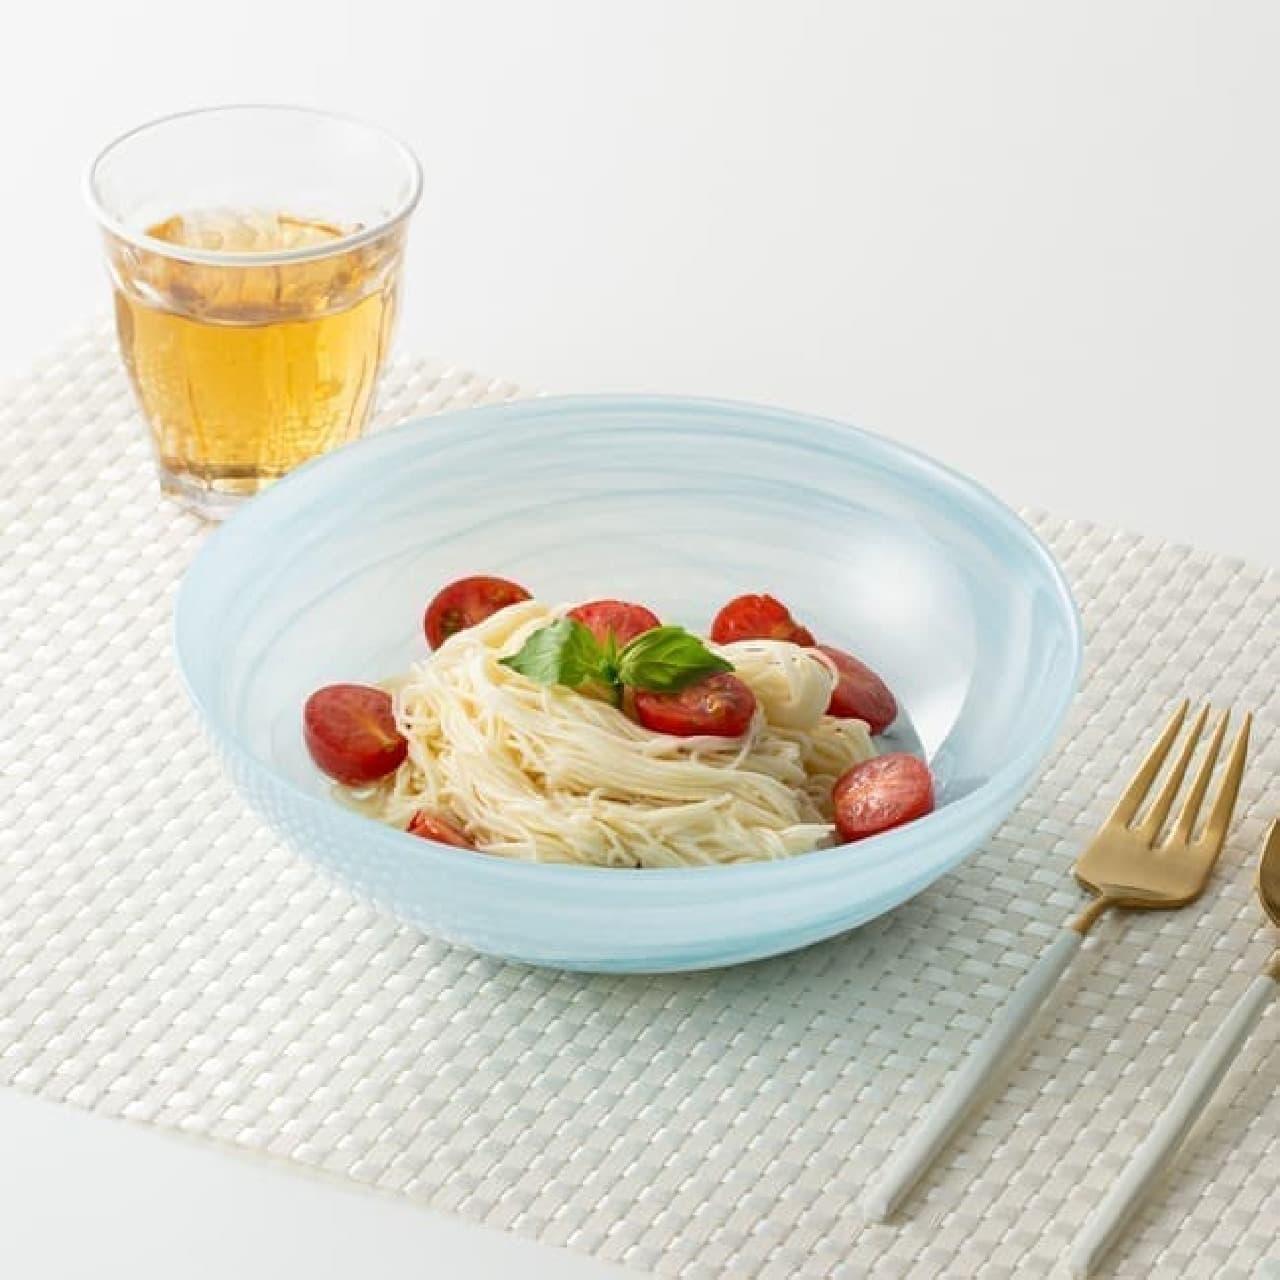 Francfranc夏のテーブルウェア -- 美しいマーブル模様や温かみあるハンドペイントなど